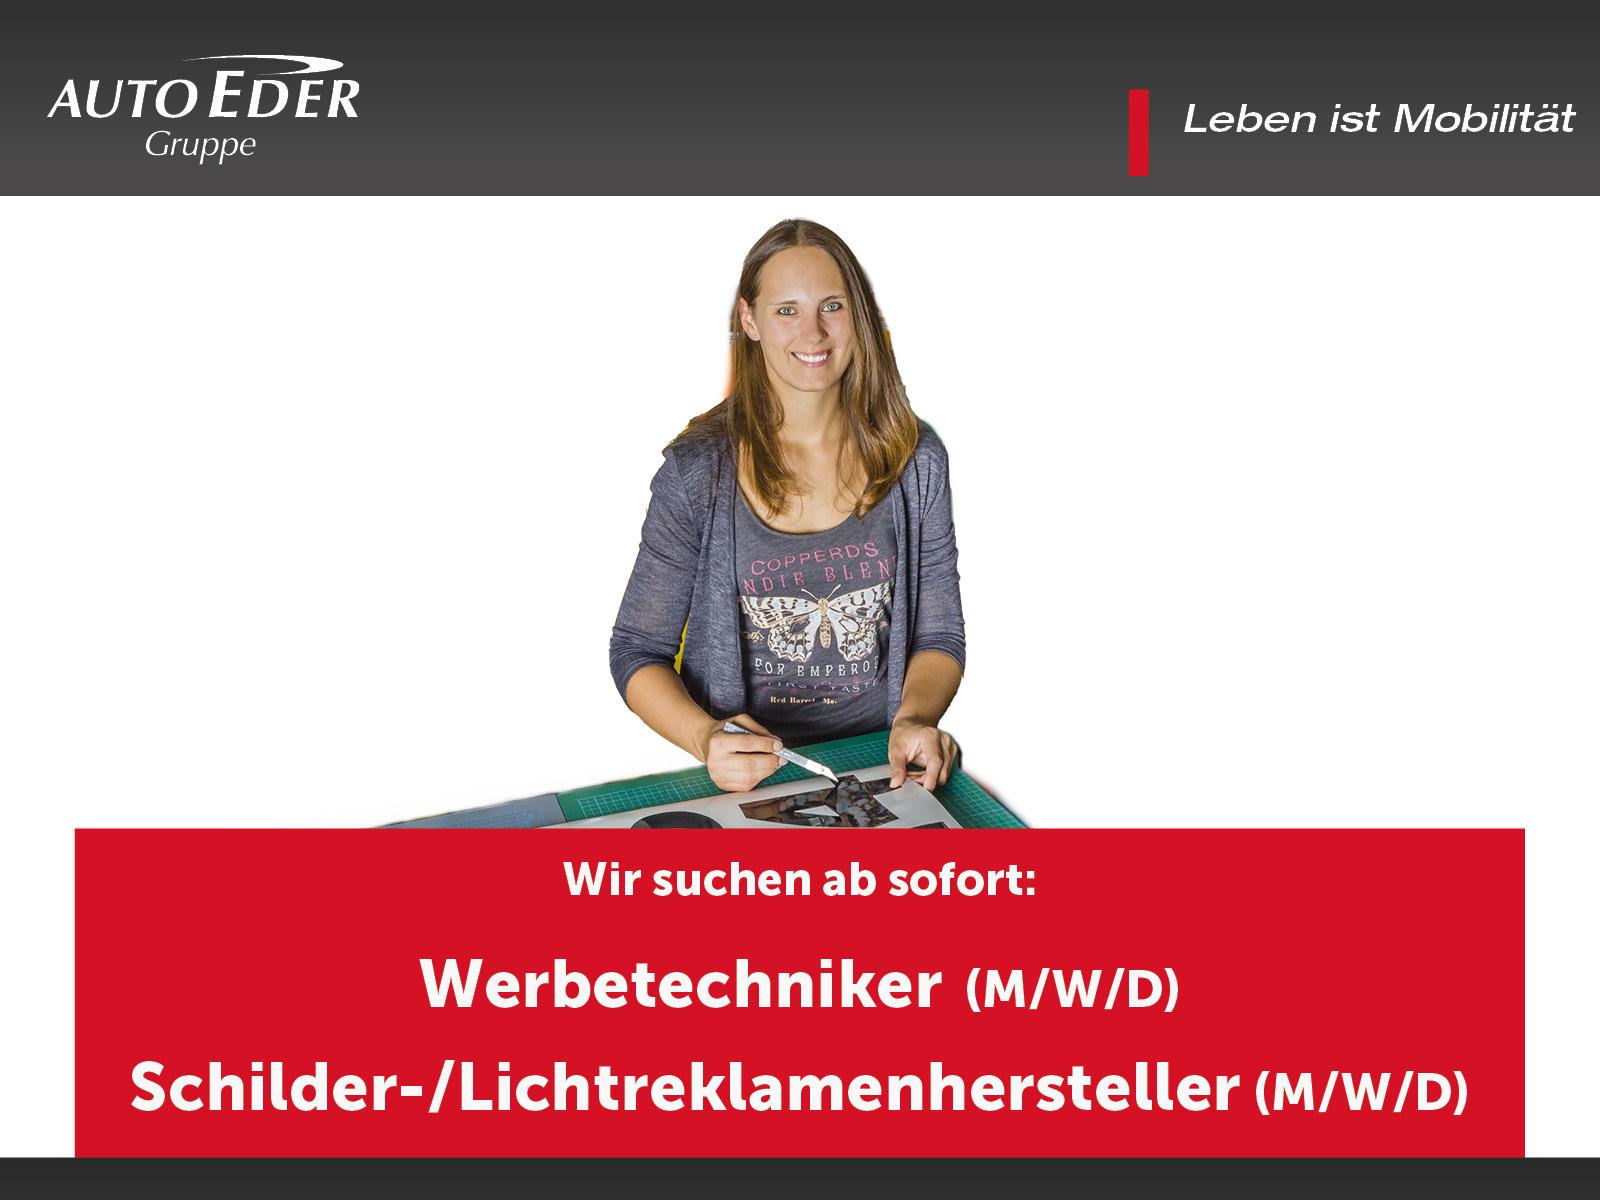 Werbetechniker / Textilveredeler (m/w/d)